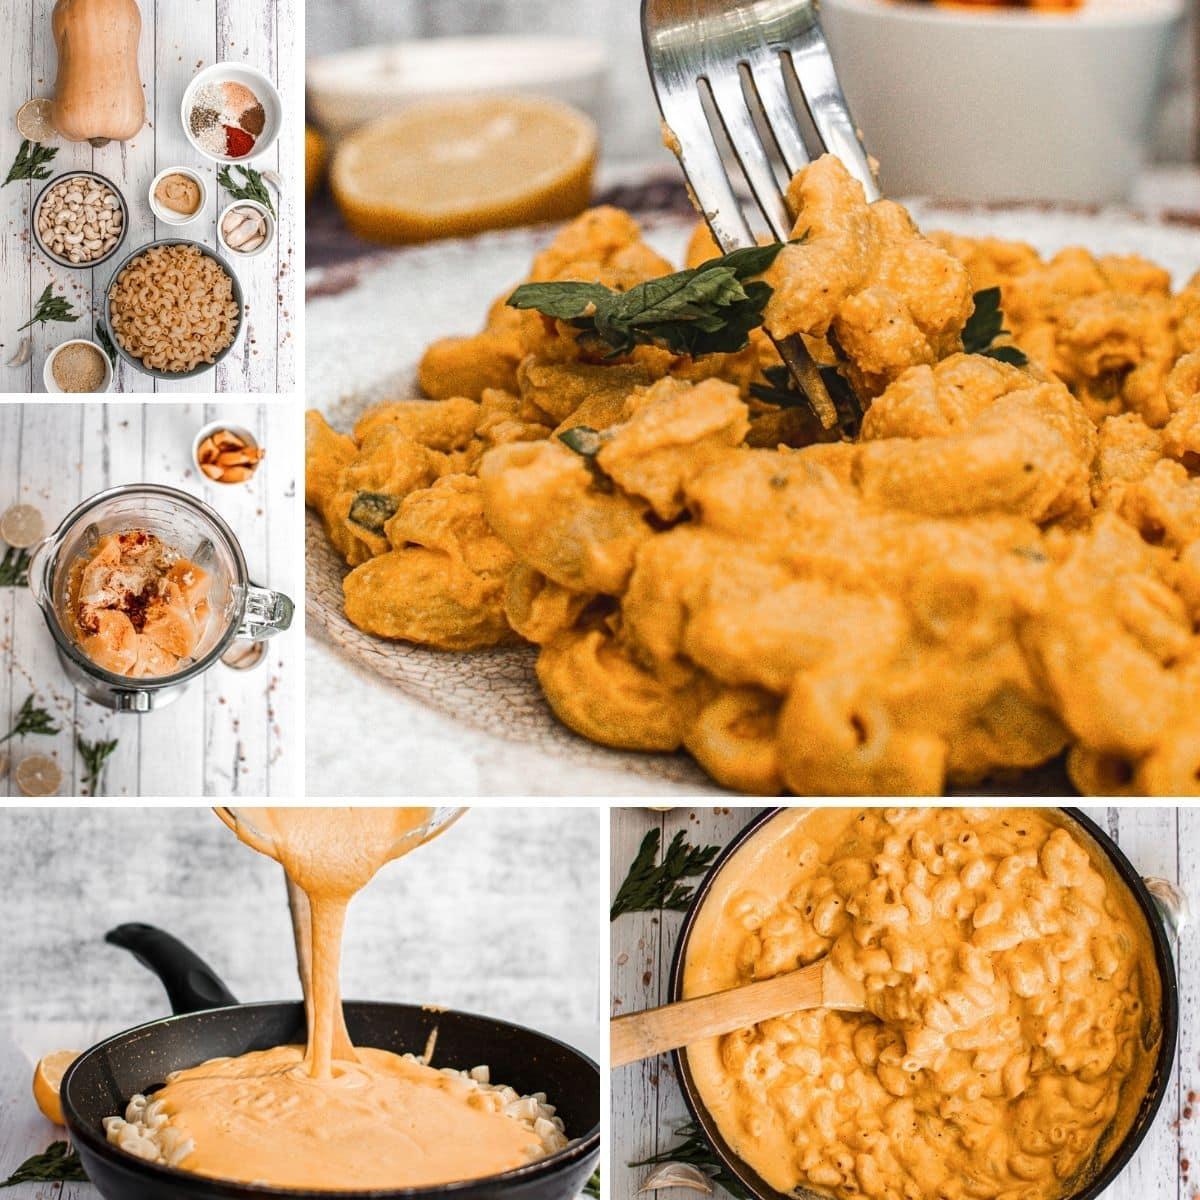 comment faire un collage végétalien de macaroni au fromage et à la citrouille